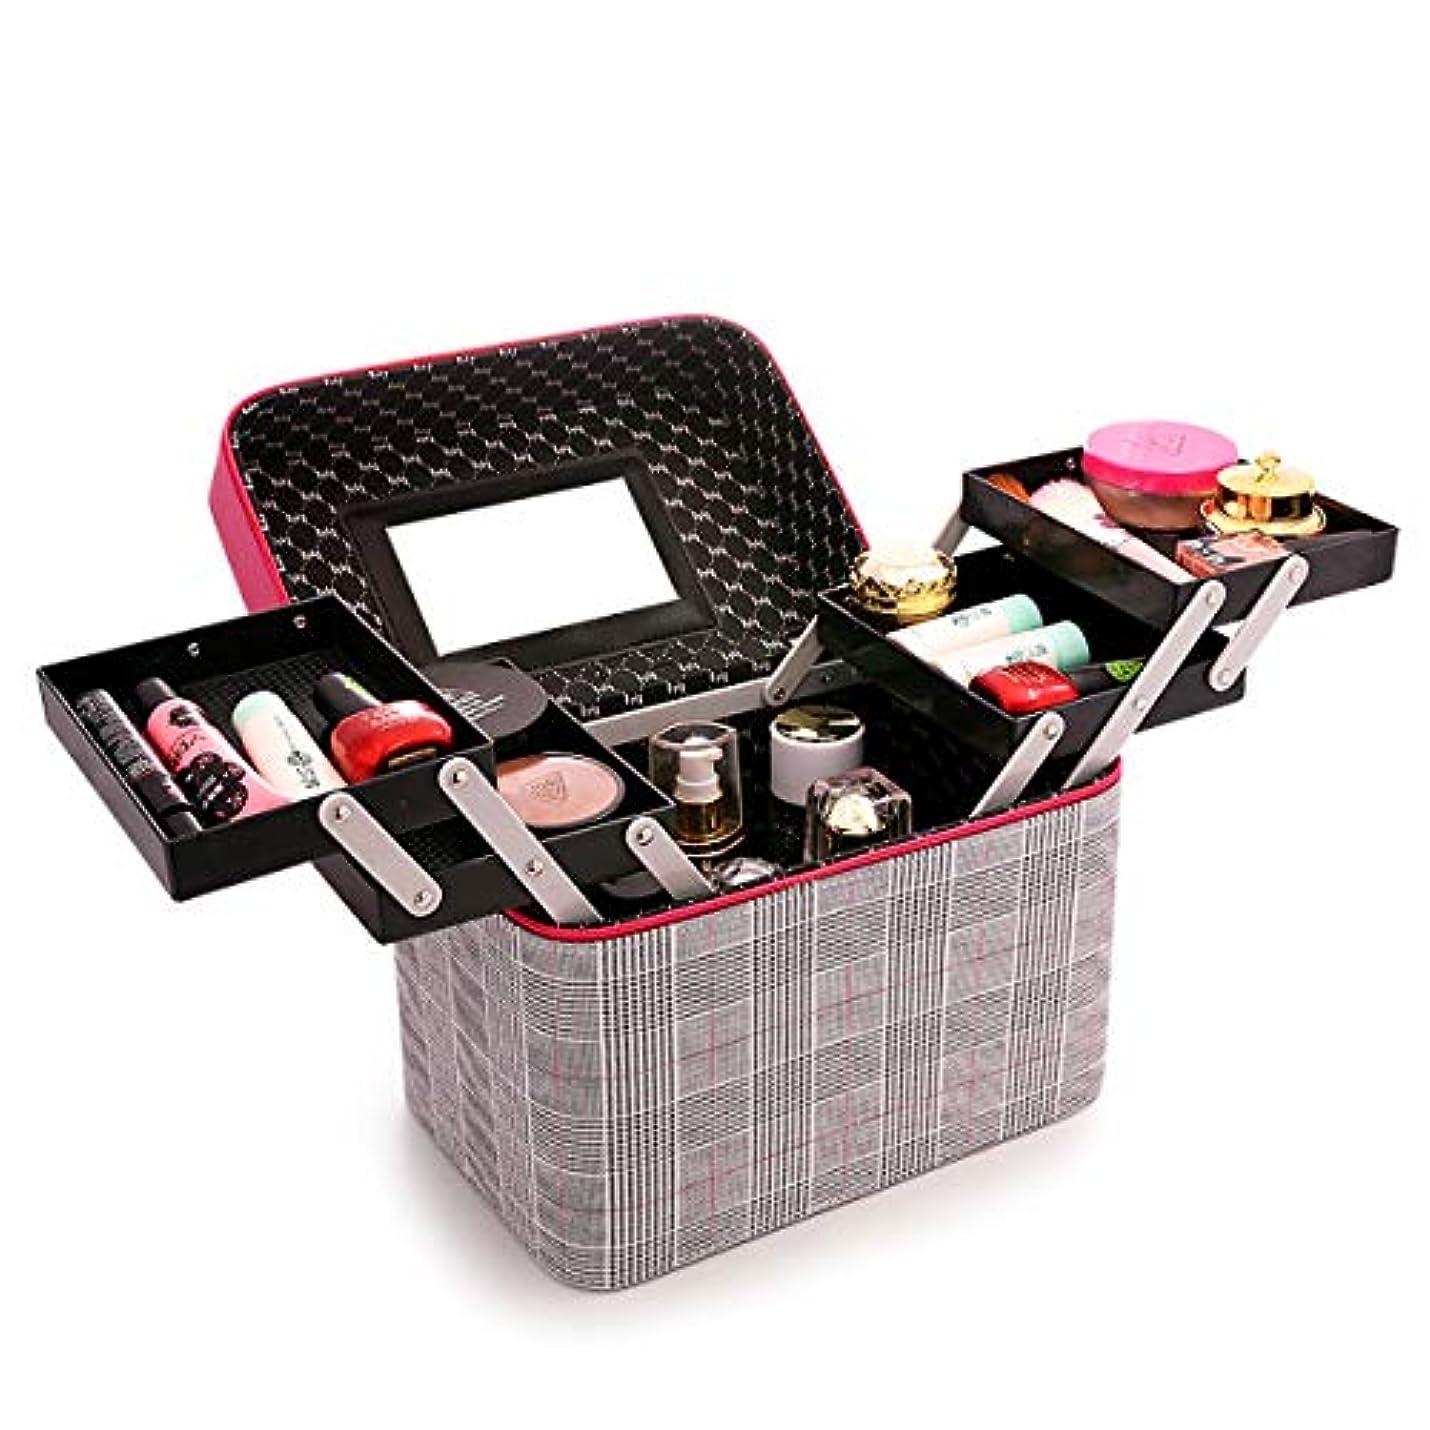 箱スリップ抑止する化粧品収納ボックス 化粧品ケース メイクボックス メイクボックス コスメボックス 大容量 収納ケース 小物入れ 大容量 取っ手付 (レッド)